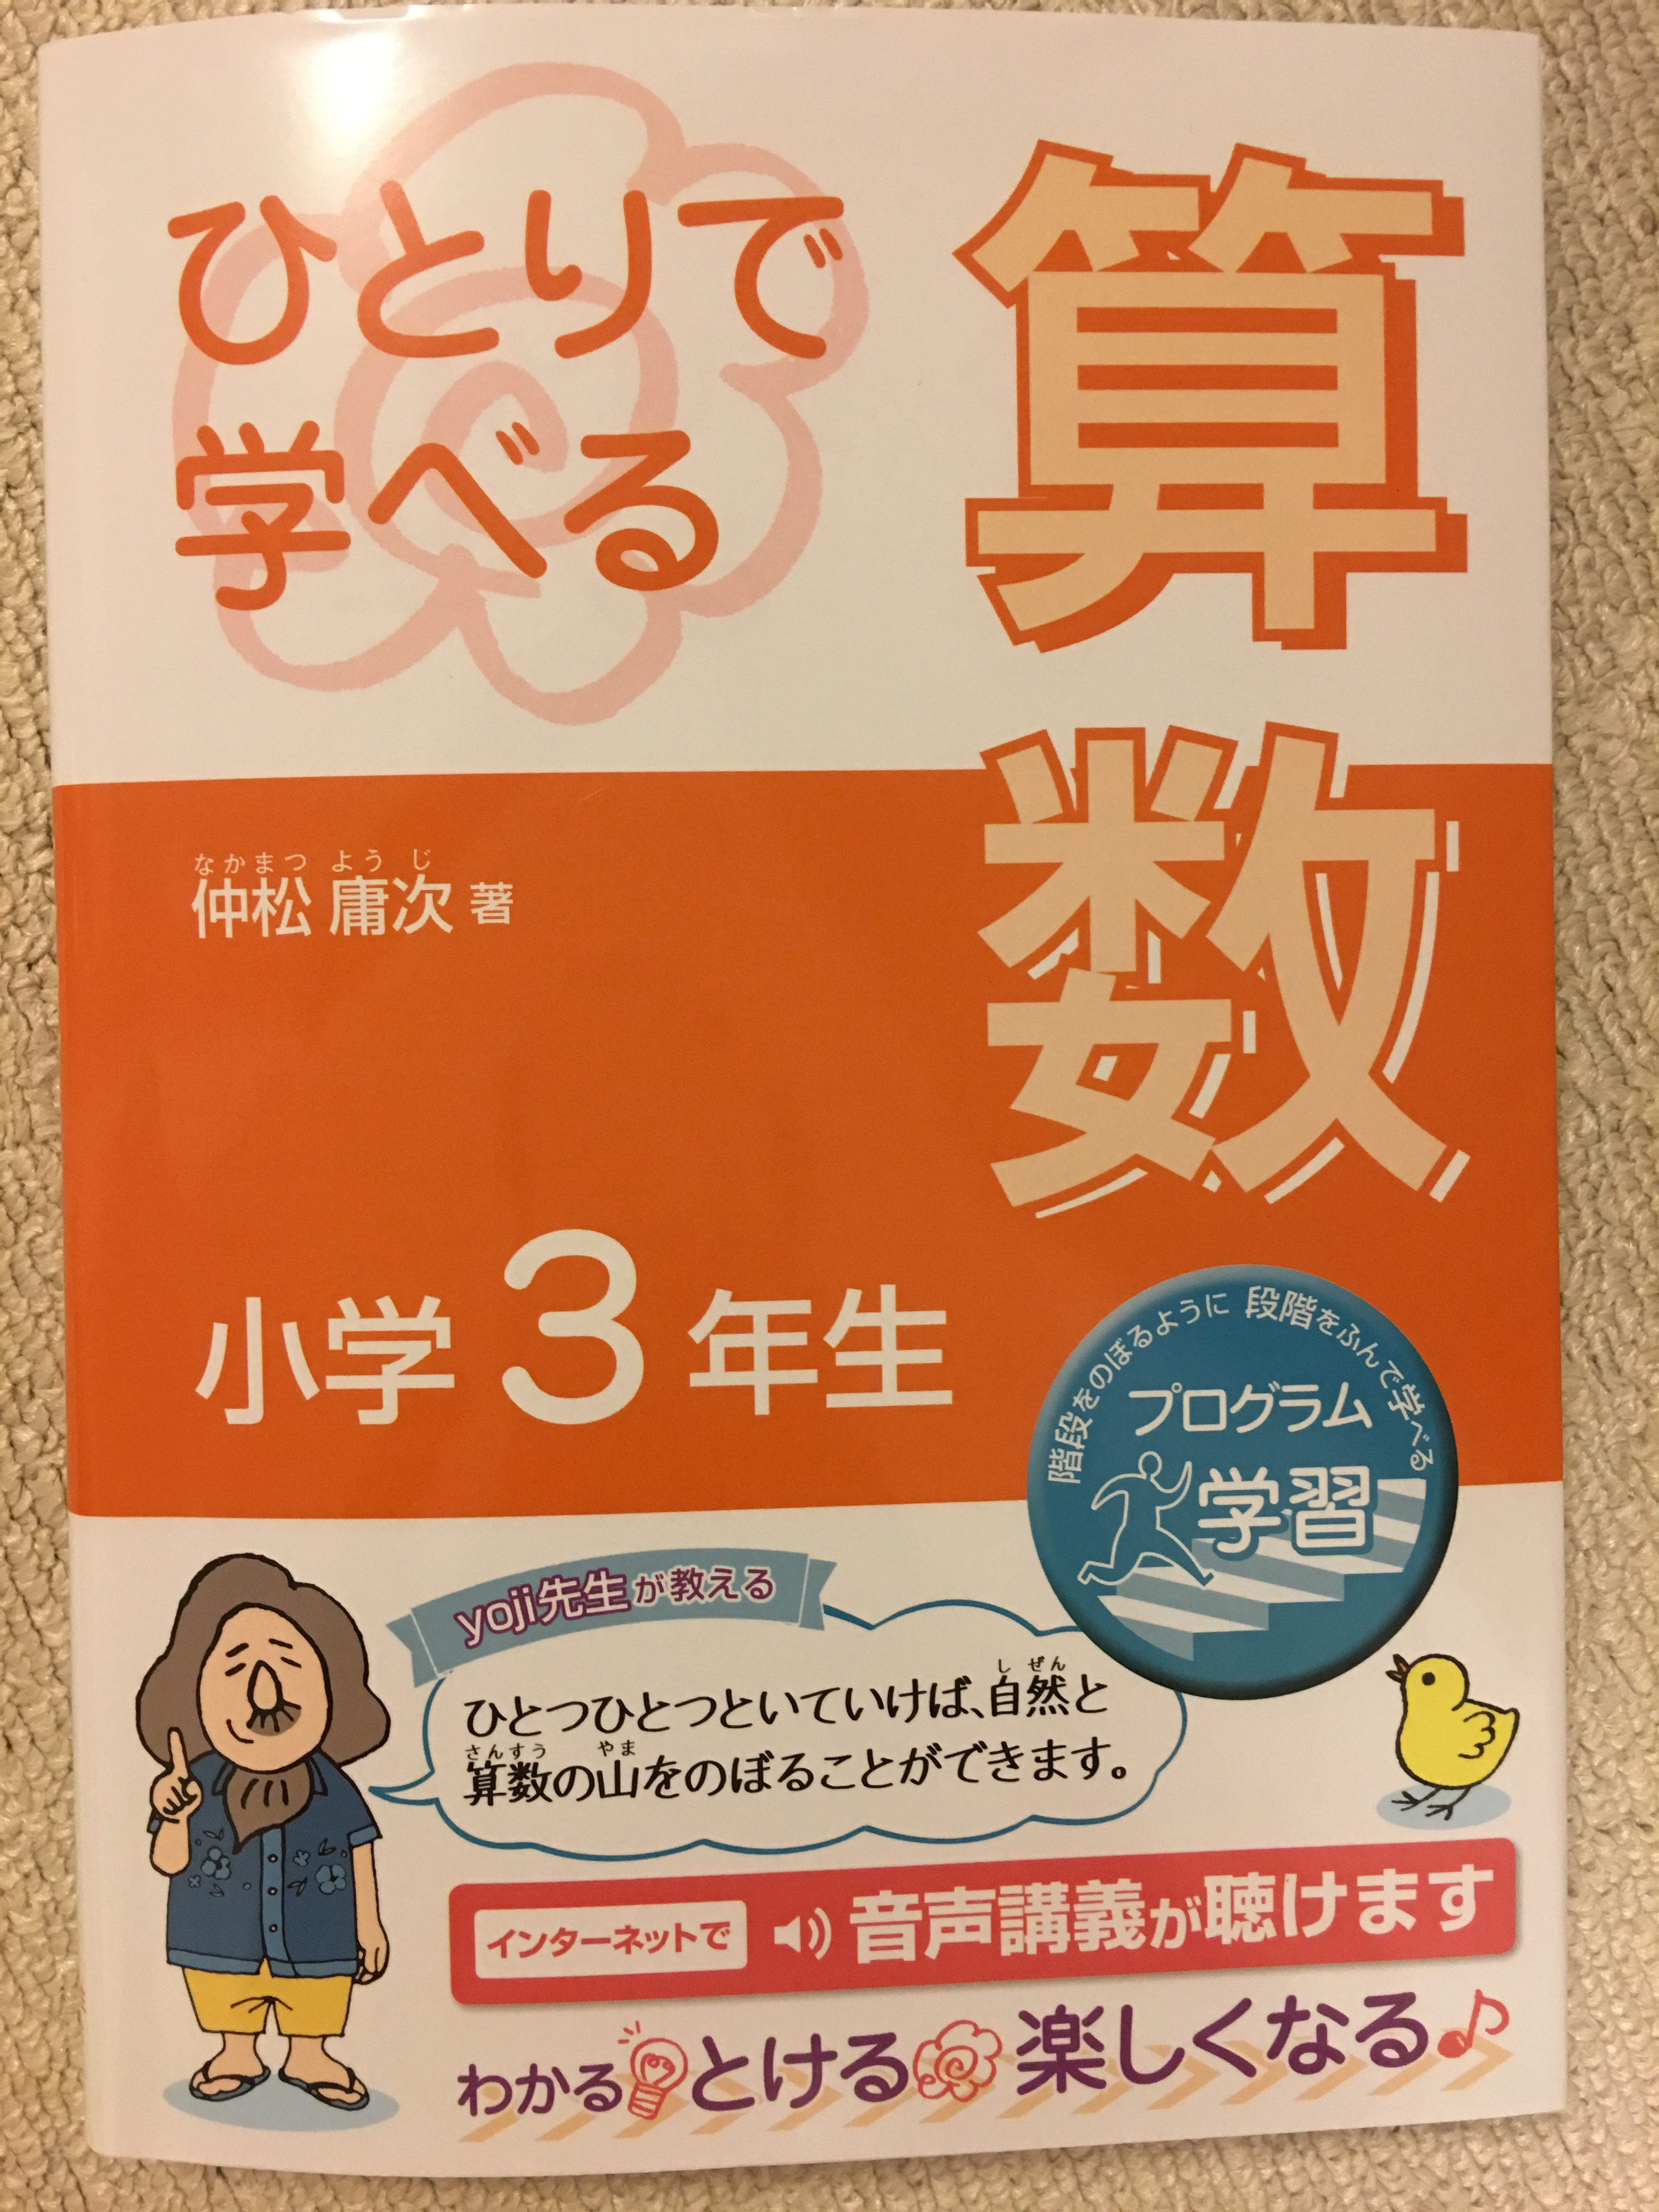 『ひとりで学べる算数 小学3年生』表紙